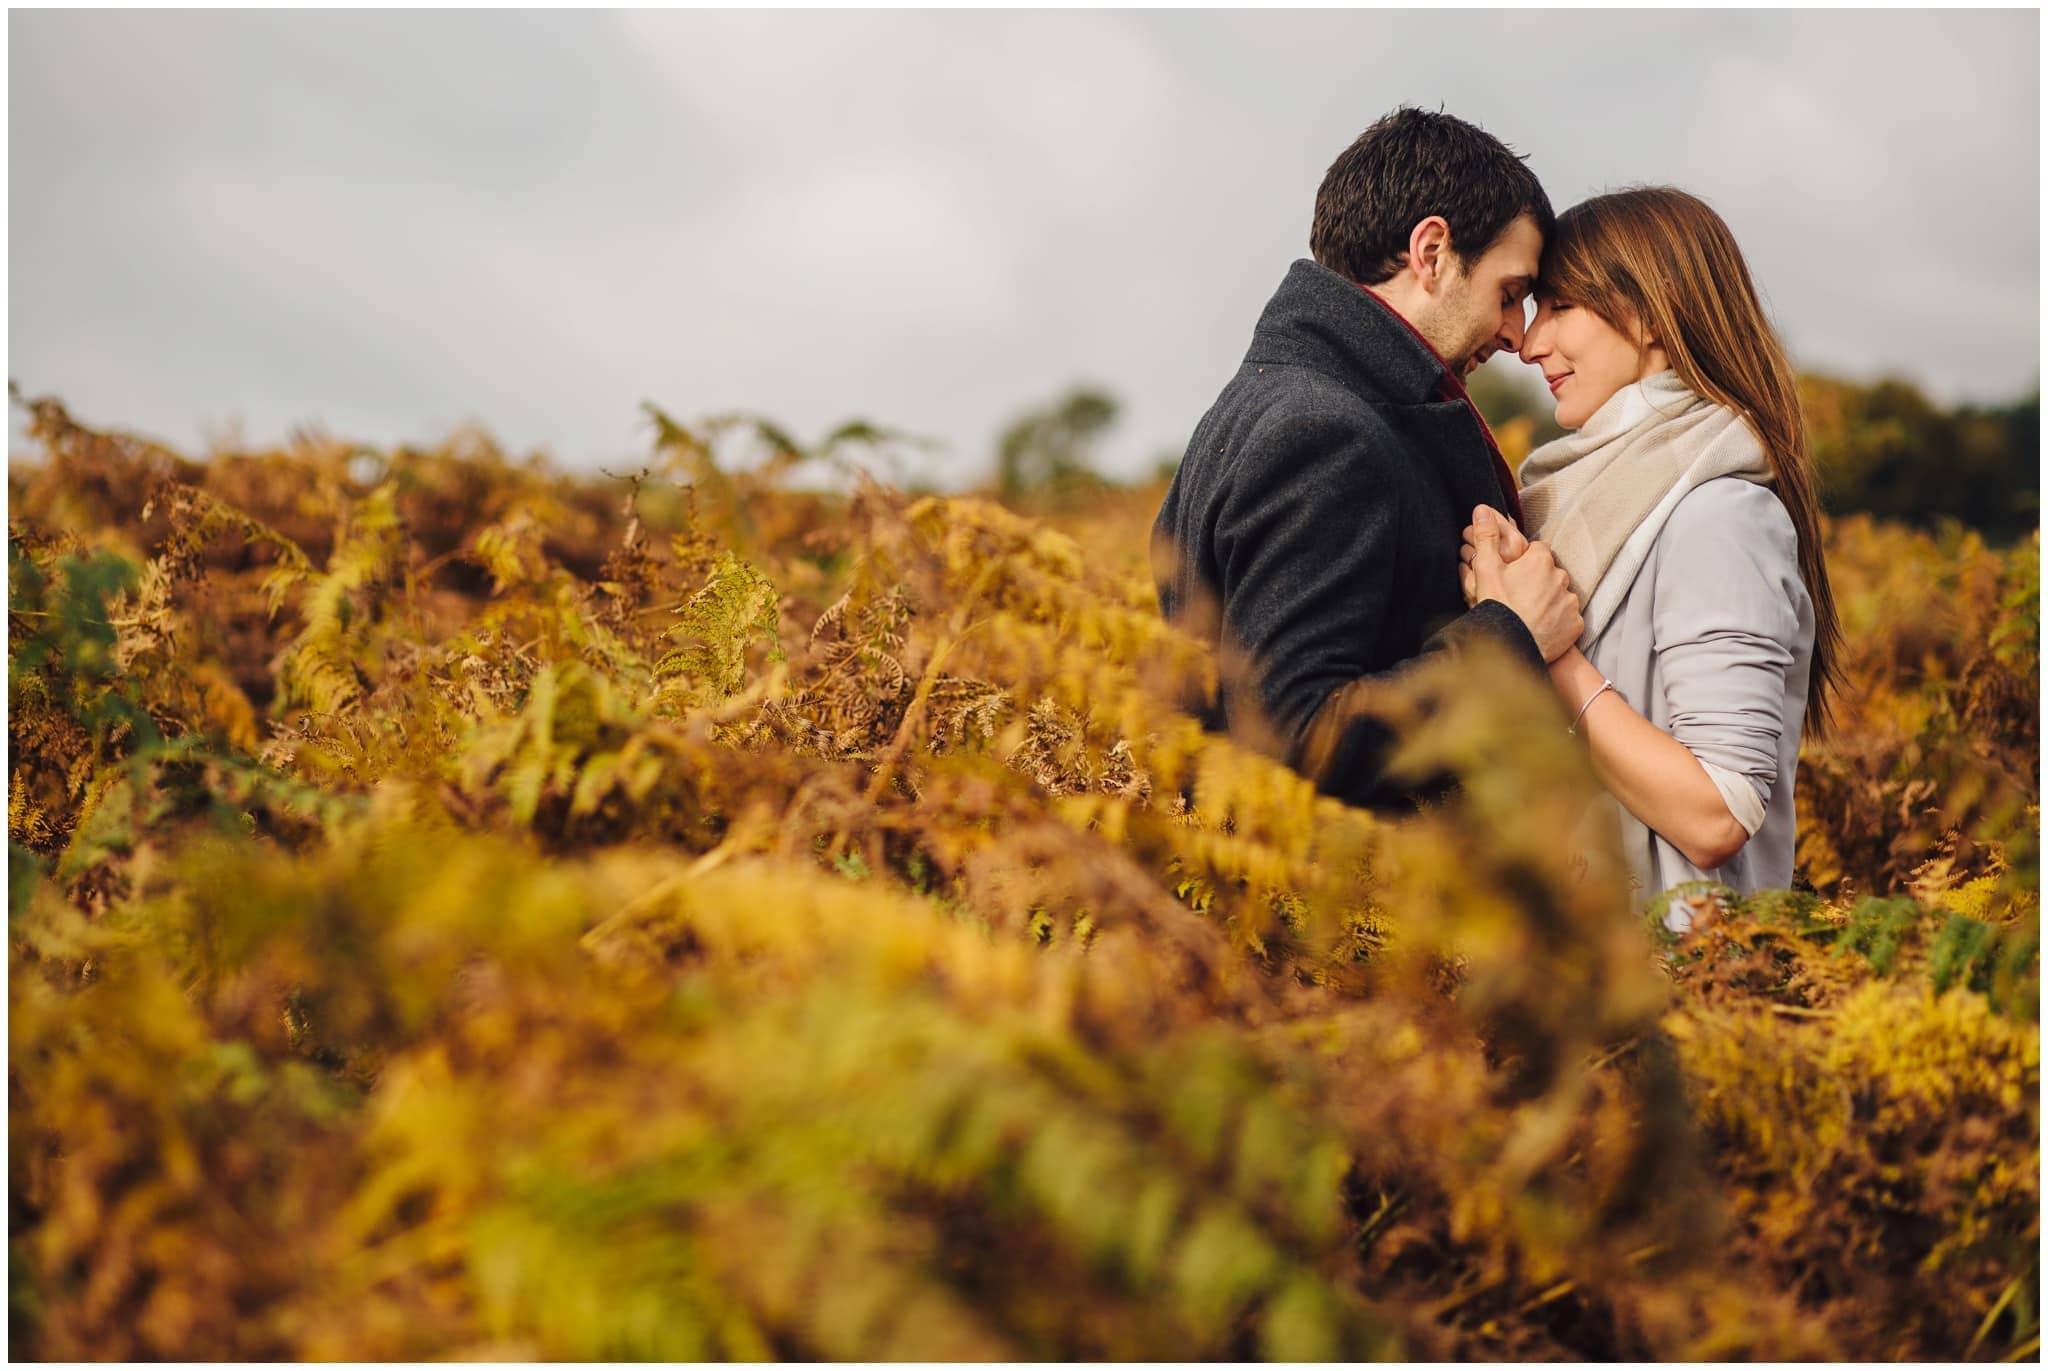 Engagement Photoshoot – Laura & Simeon